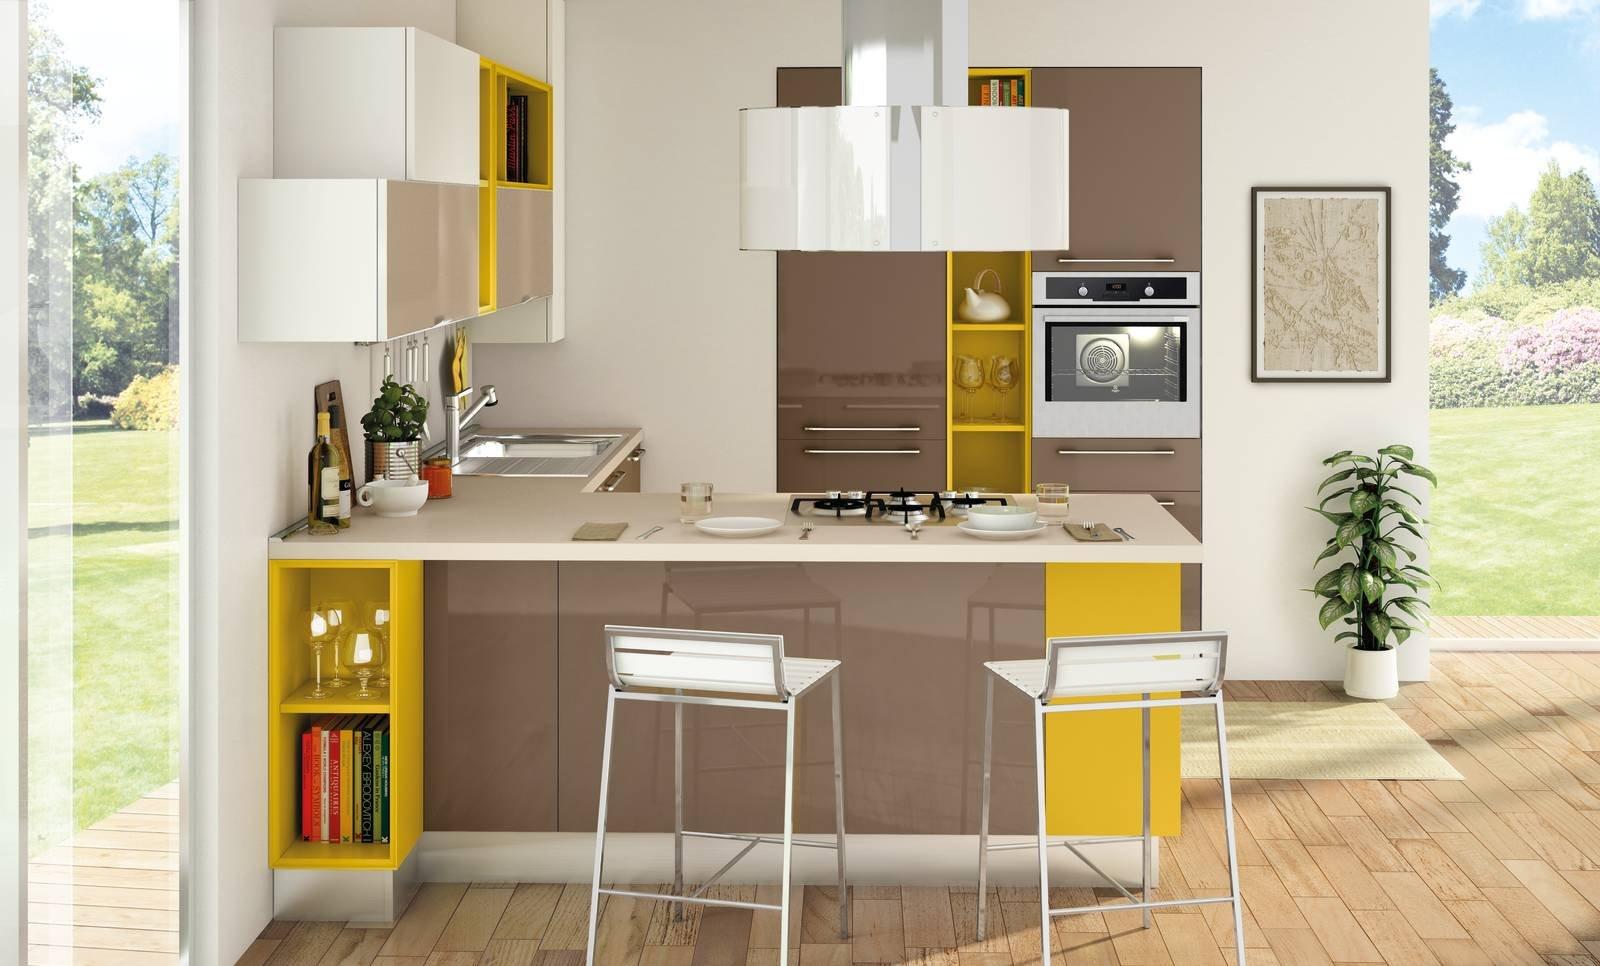 Cucina piccola con isola finest cucine piccole idee for Piccole cucine con isola